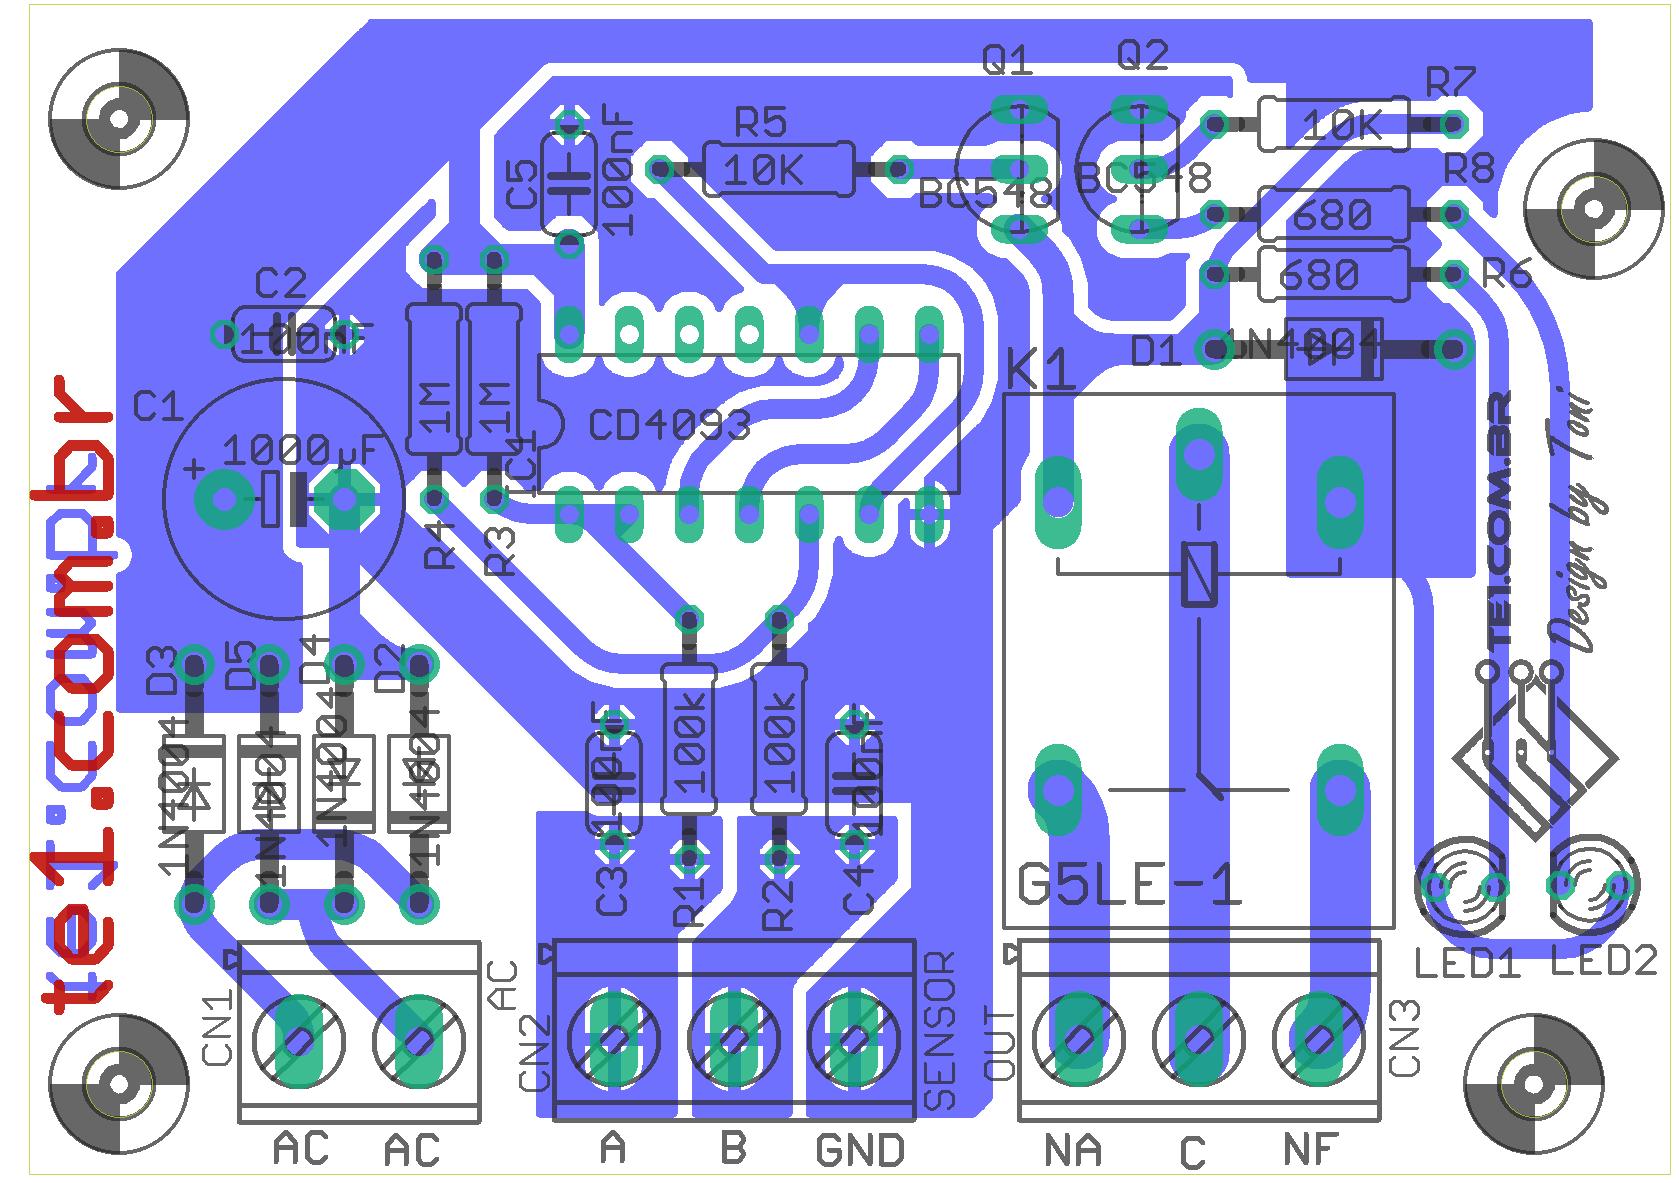 controle nivel caixa agua componentes 1 Circuito de controle automático de bomba  dágua e nível de caixa dágua sensores Controle Circuitos